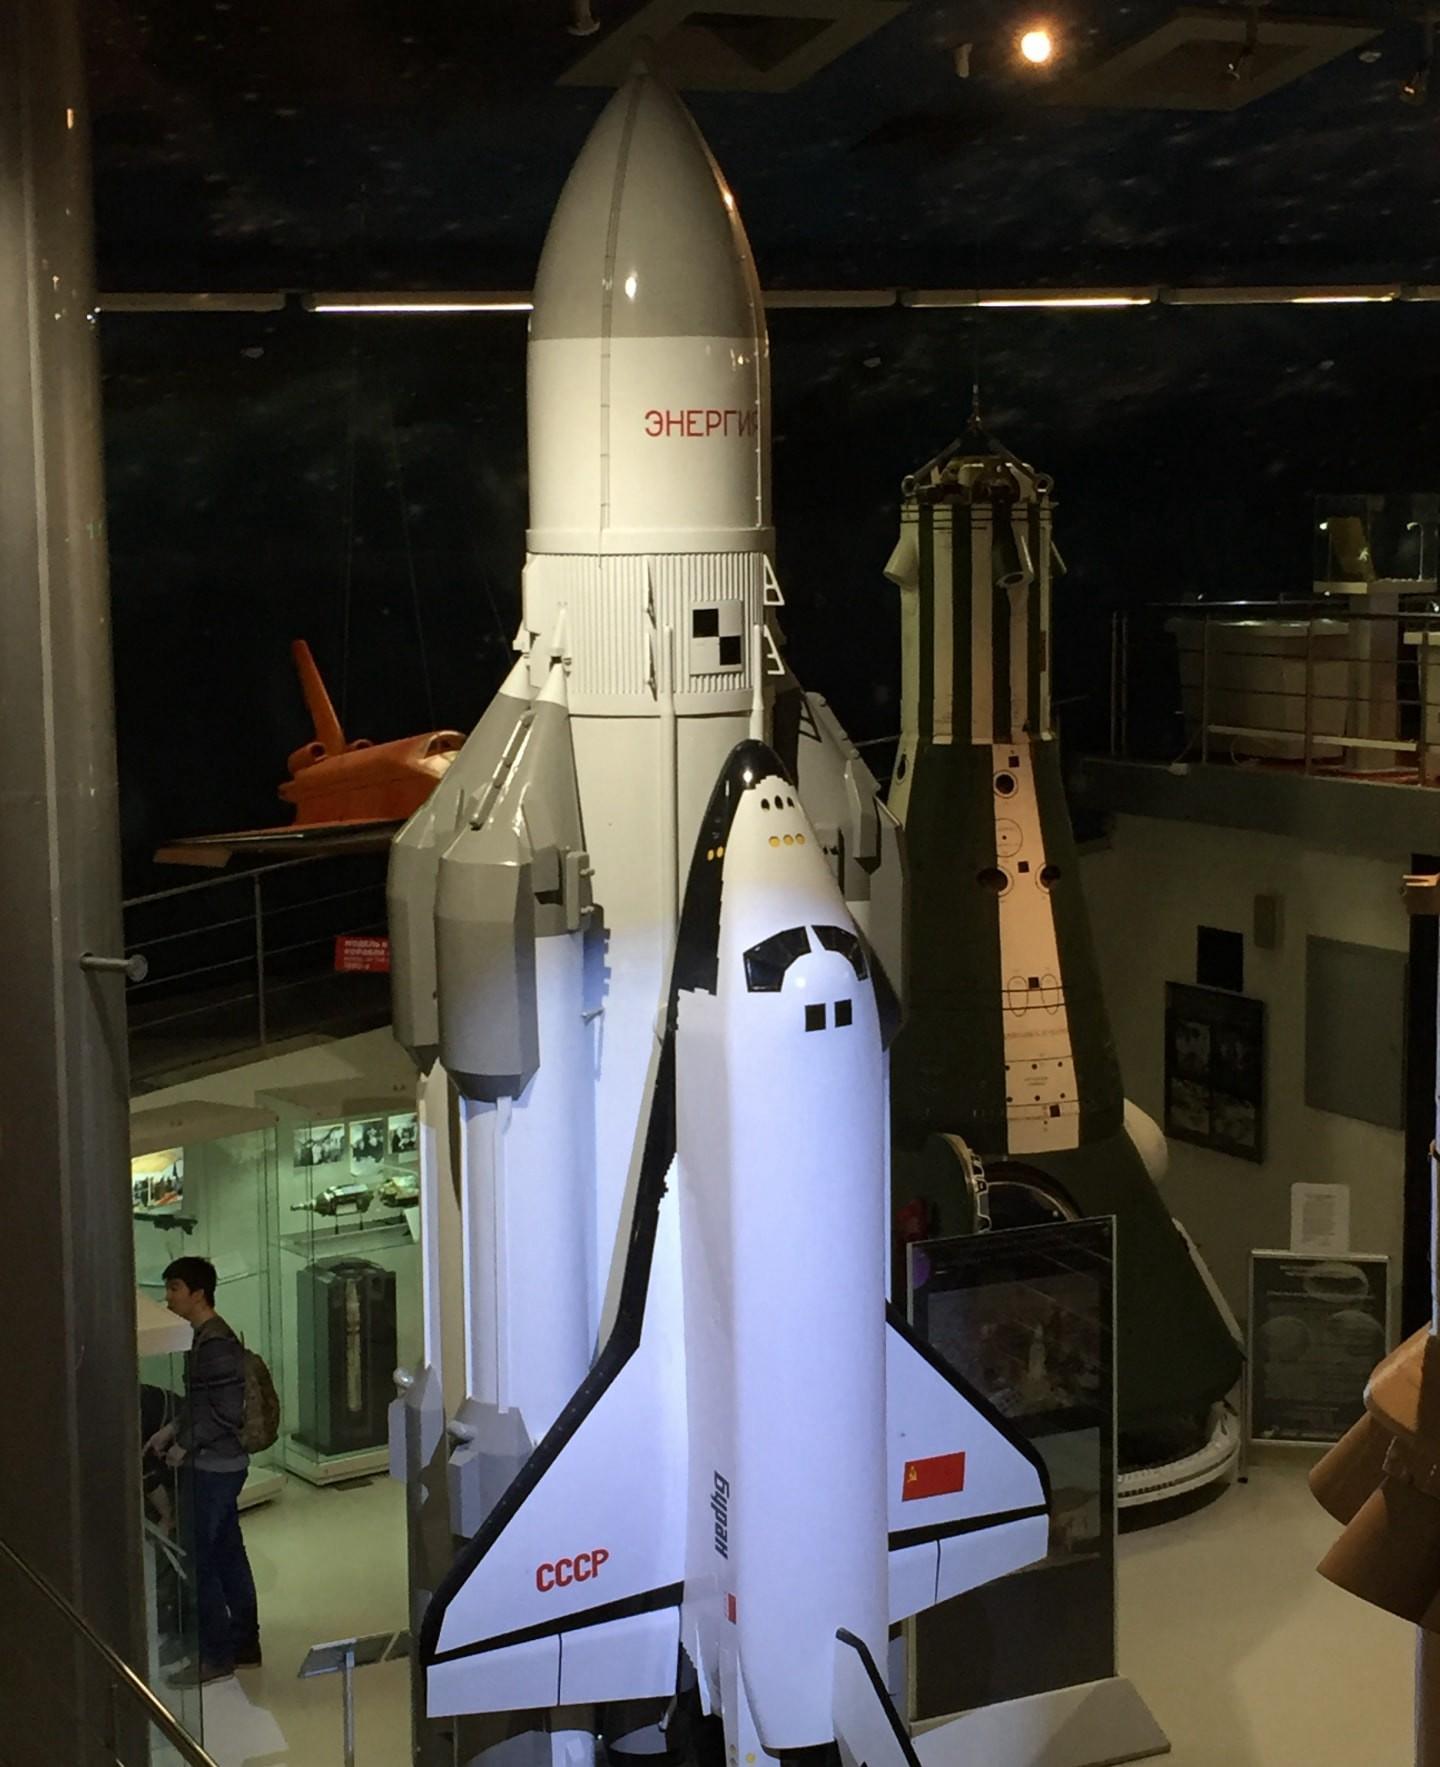 莫斯科航天博物馆 俄罗斯军事 莫斯科 俄罗斯留学